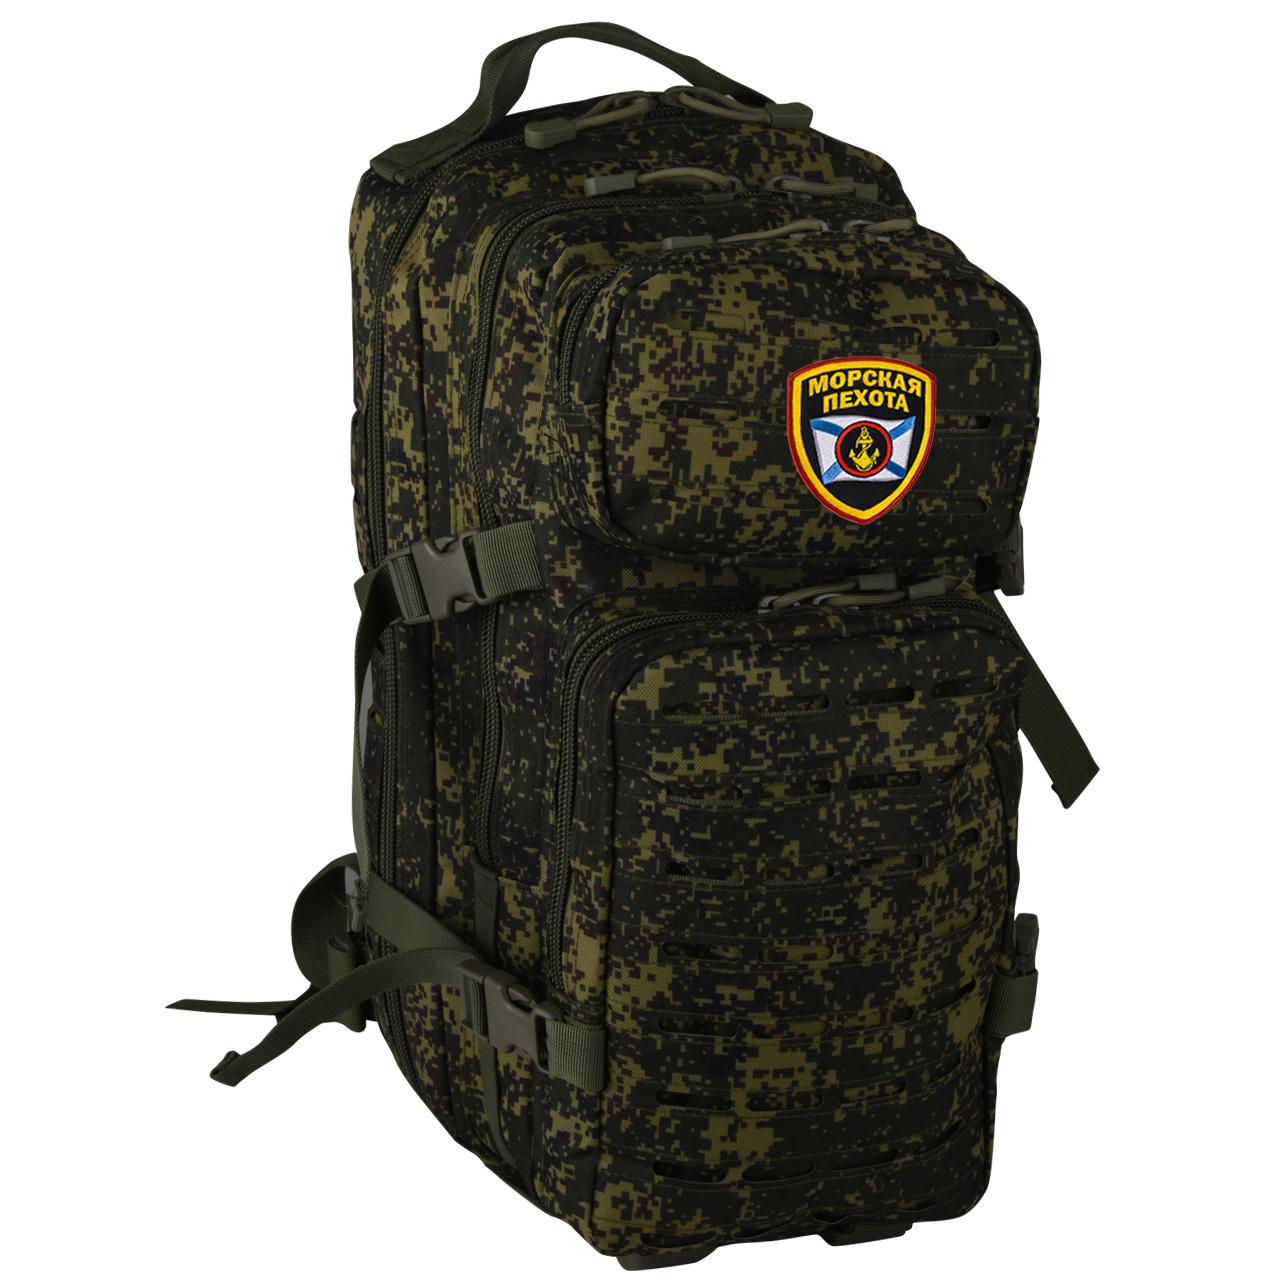 Компактный камуфляжный рюкзак Морской пехоты